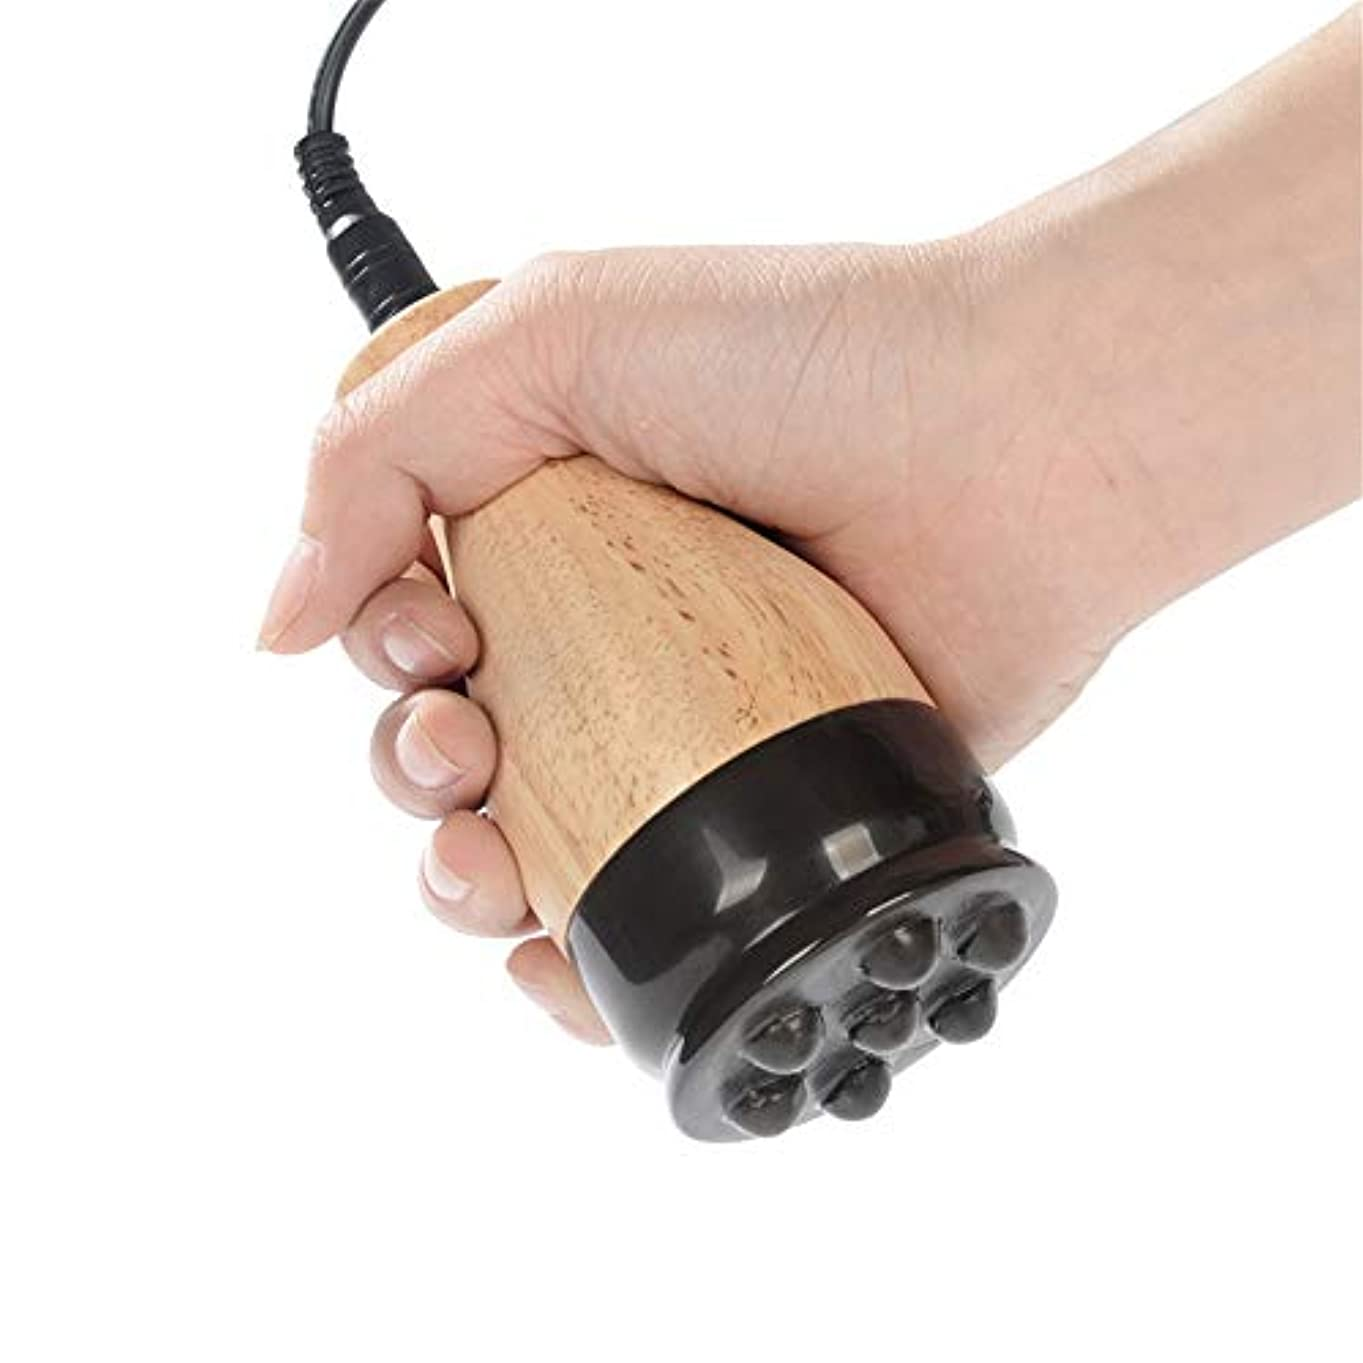 年フィドル豆腐電気こするカッピングボディマッサージャー、無煙Mタンク、石タンク針M、温M器具マッサージツール